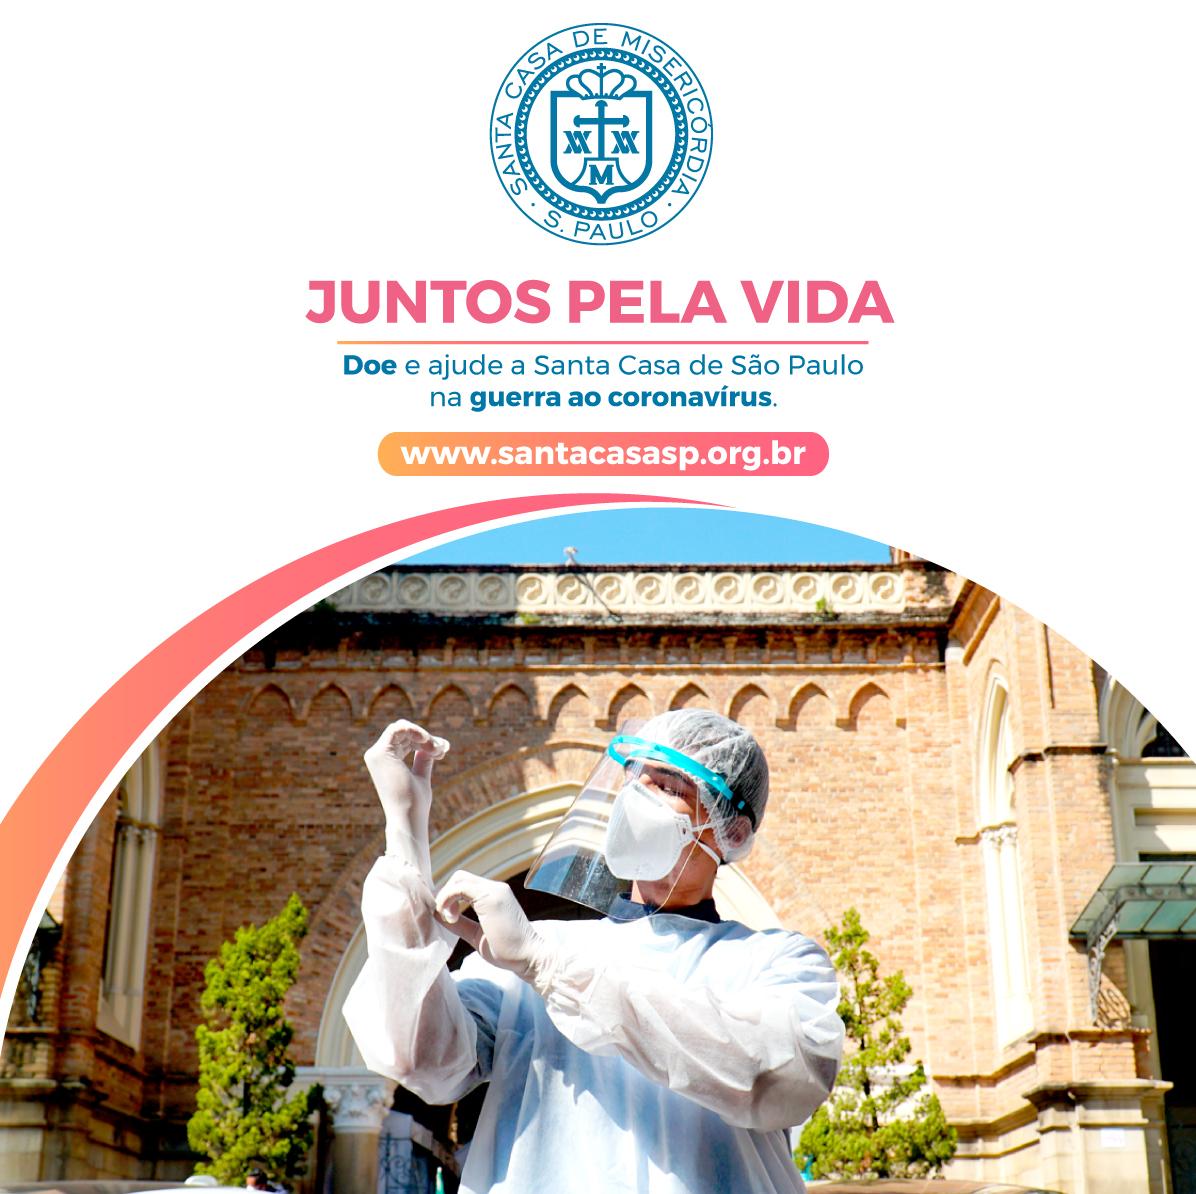 Ajude a Santa Casa de São Paulo